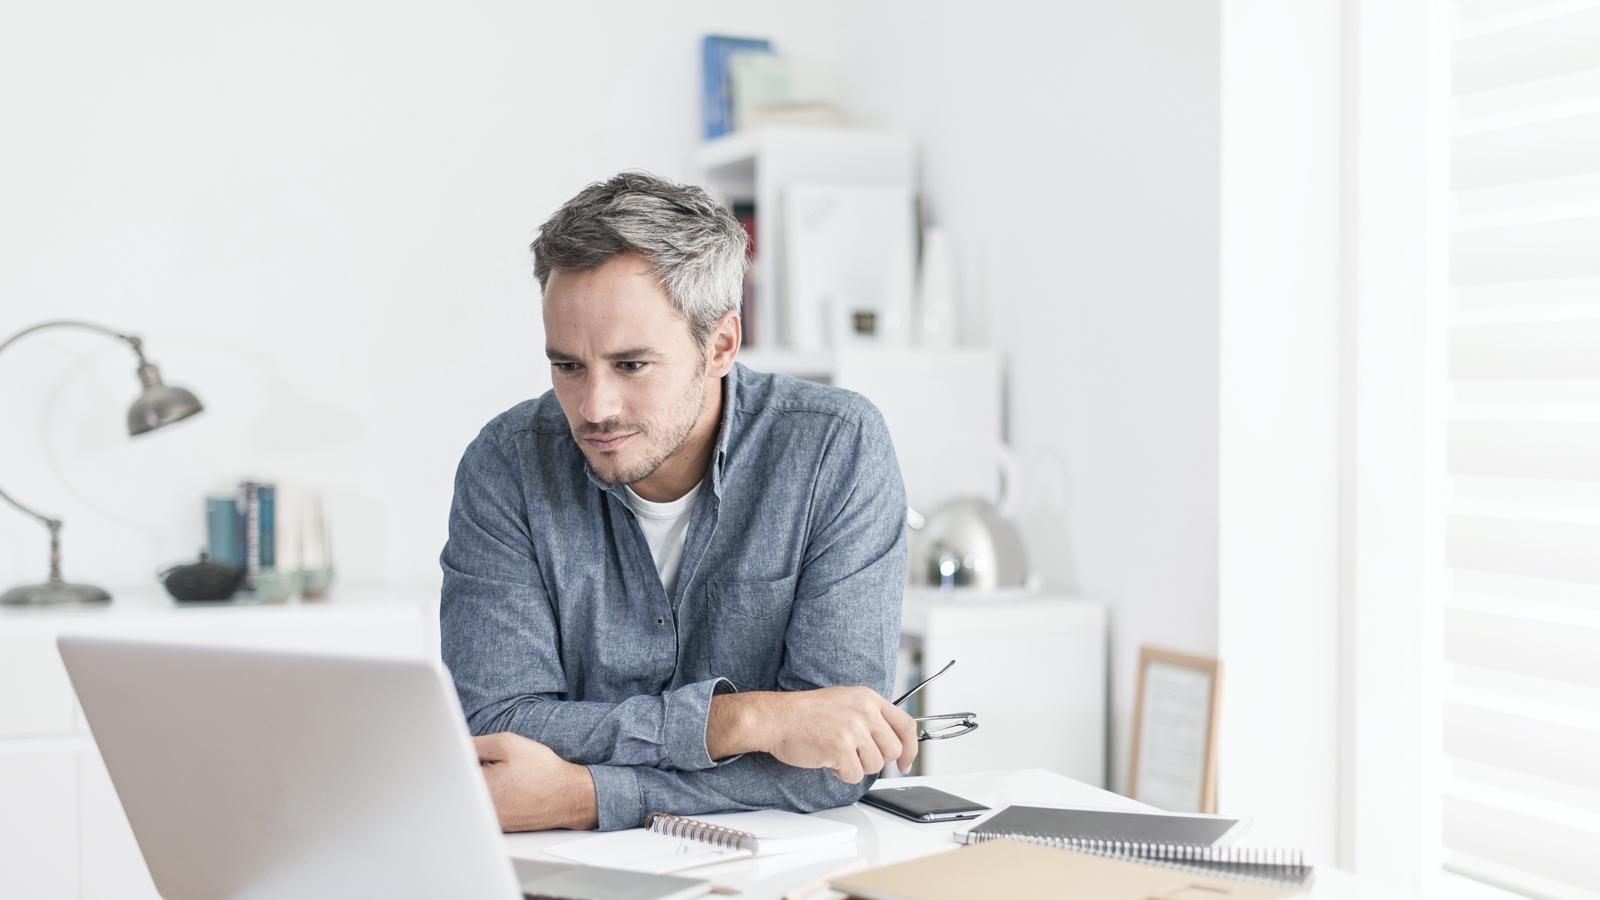 5 herramientas para gestionar tu negocio durante el teletrabajo